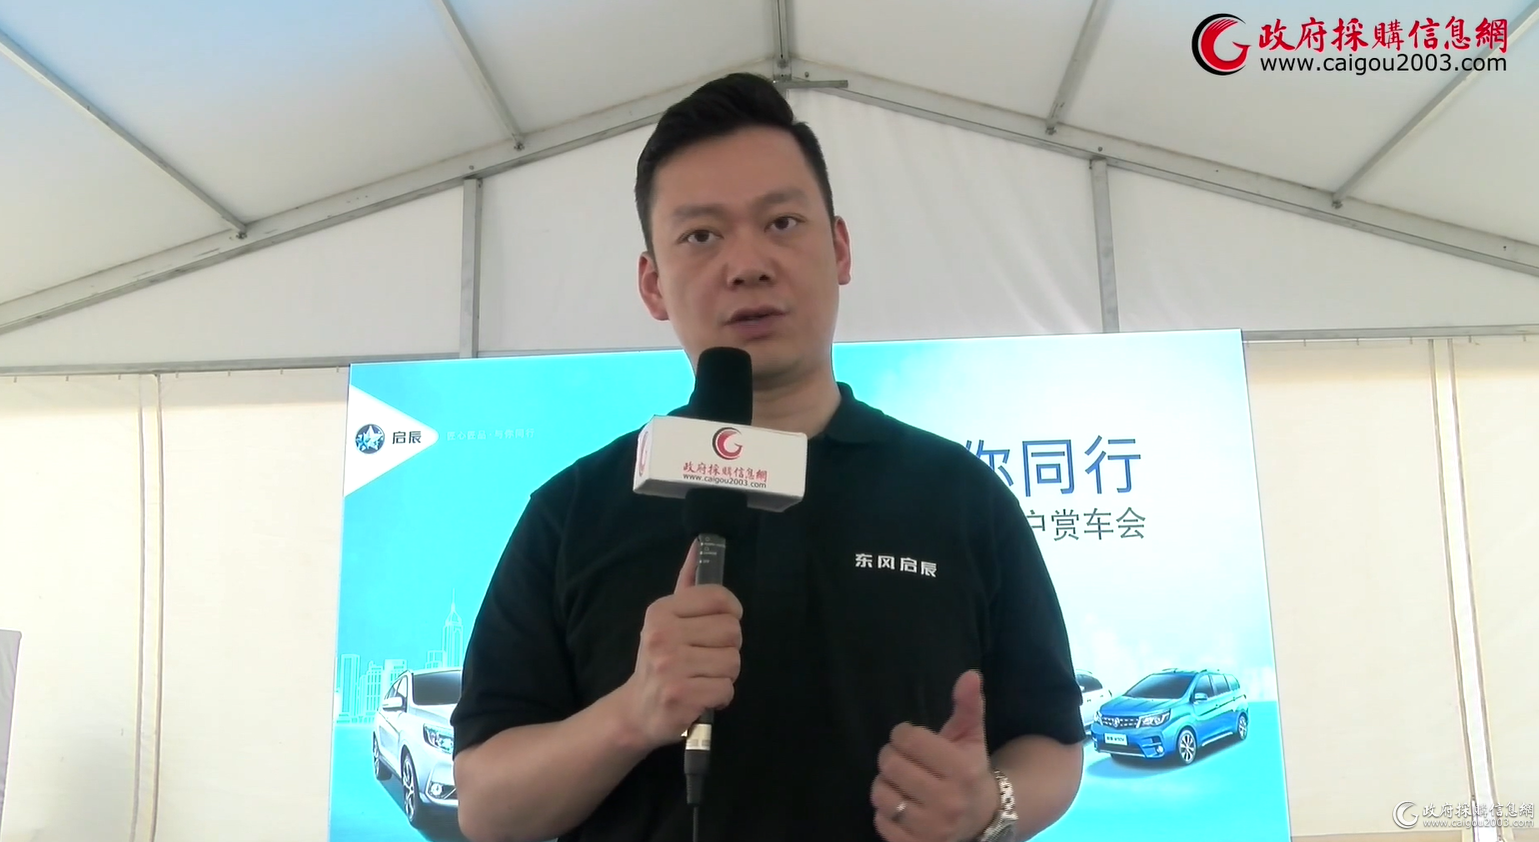 东风启辰为大客户提供更好产品和服务